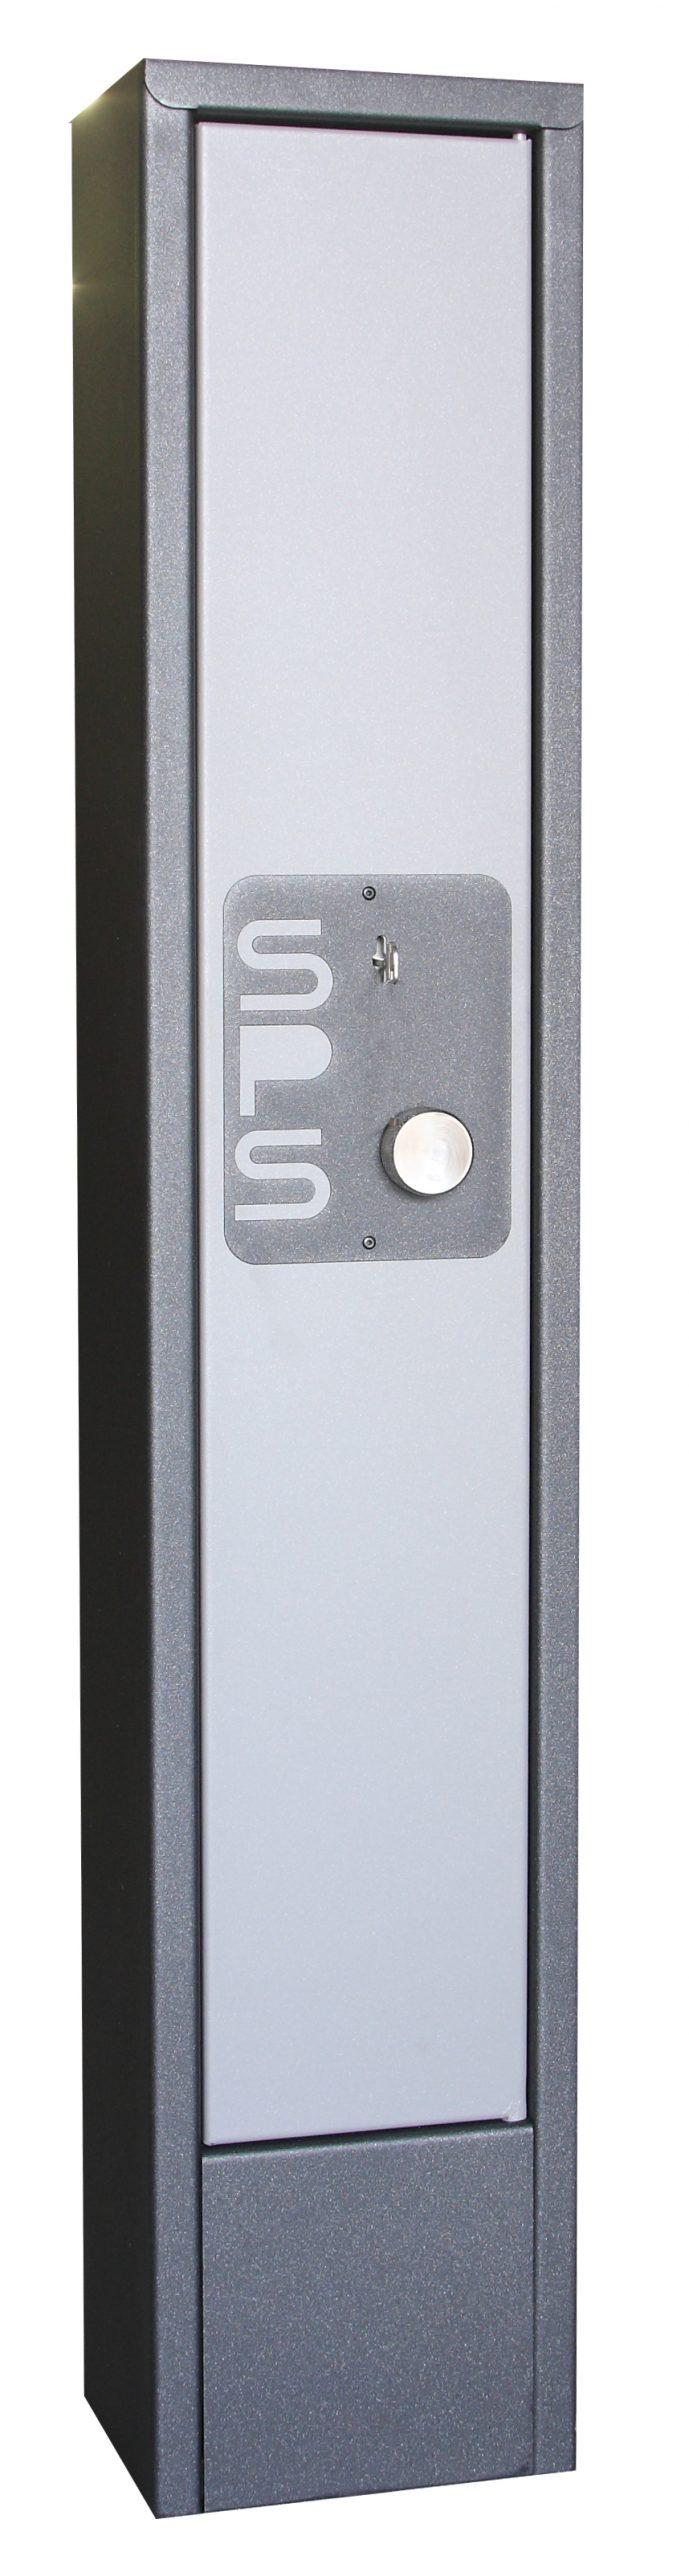 Armero SPS modelo AP401A